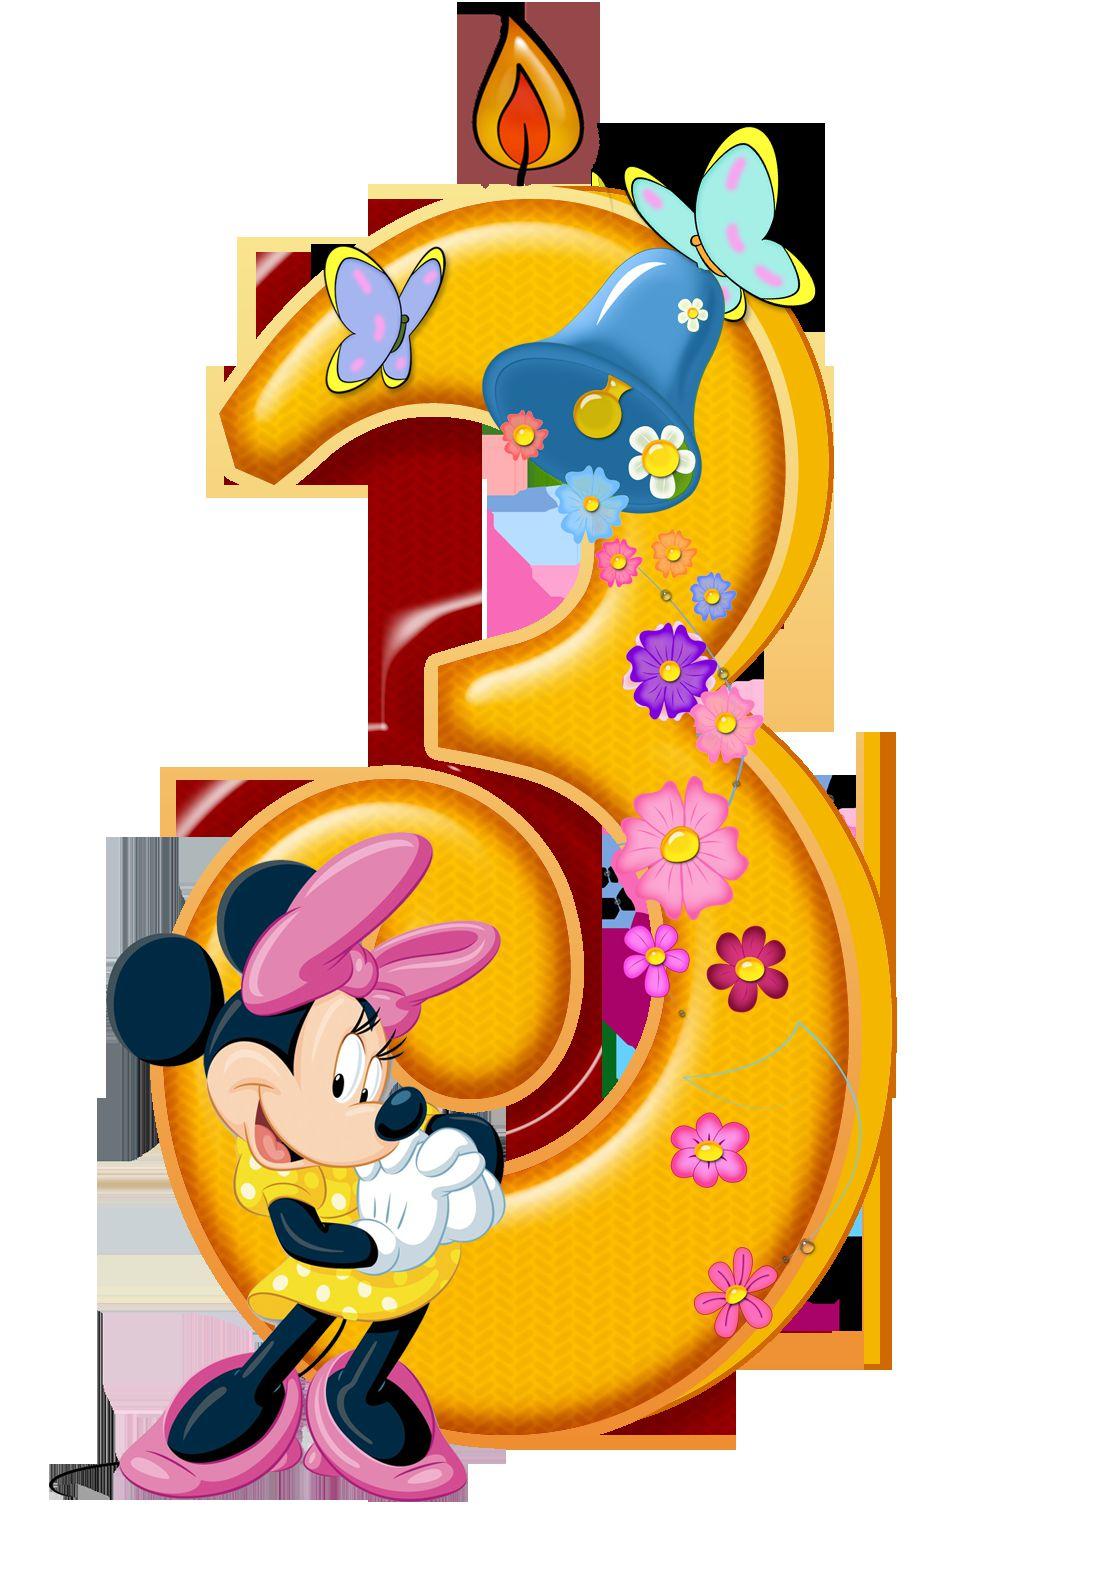 На 3 месяца - Ребенку - Поздравления и пожелания 56